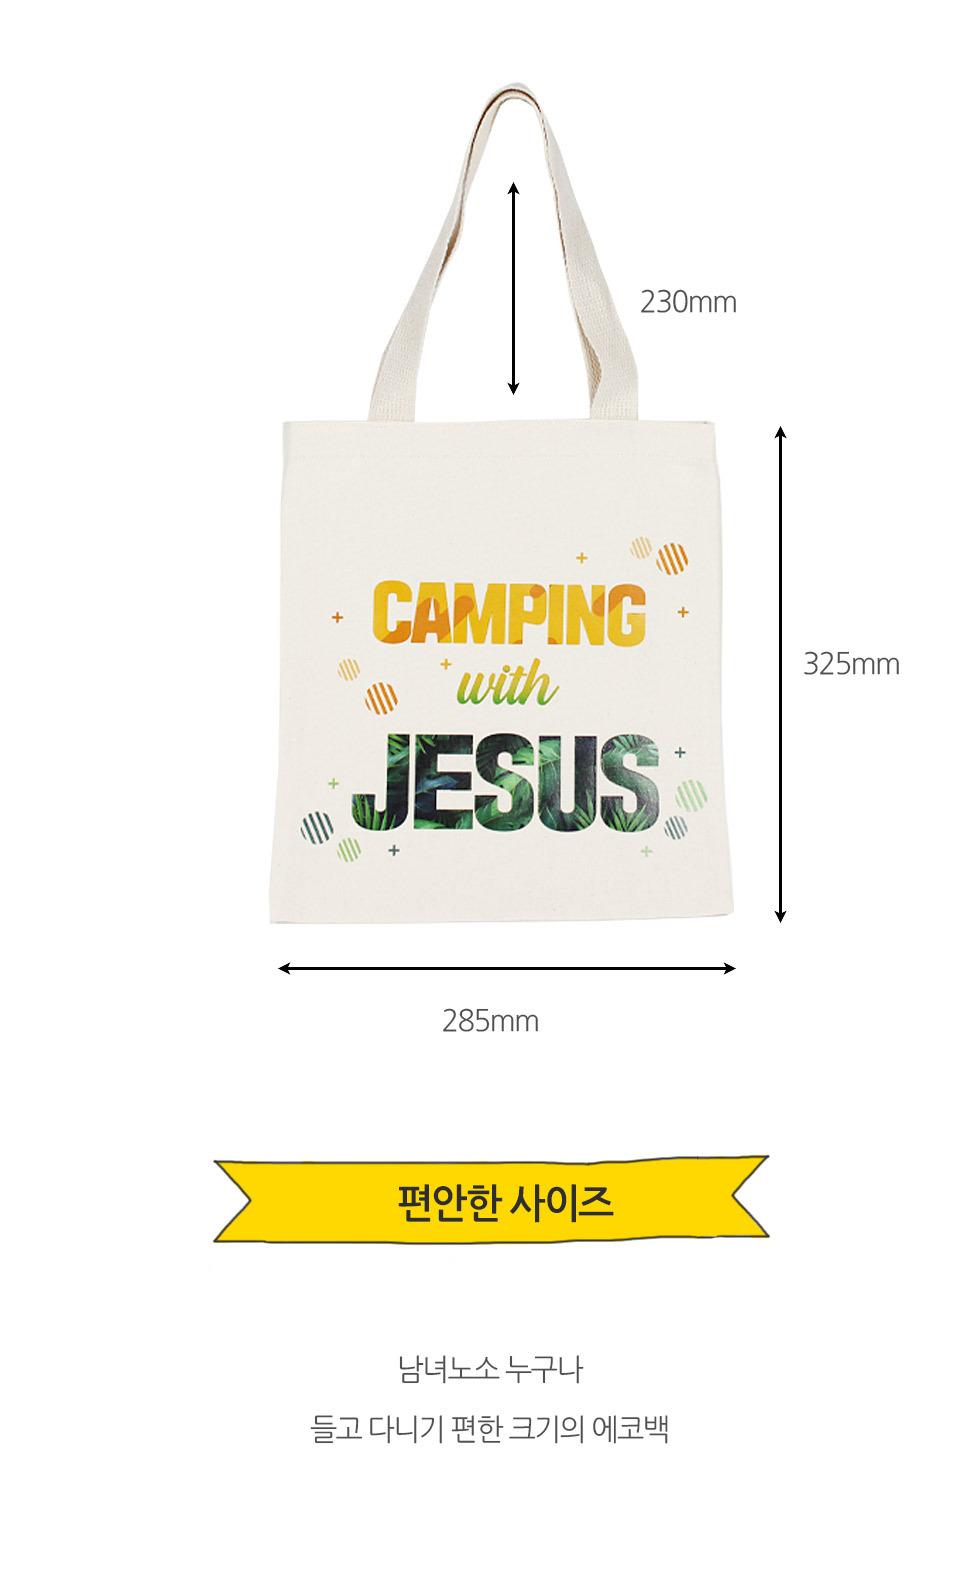 메시지 에코백 Camping with Jesus (캠핑위드지저스) 예수님과 함께 편안한 사이즈 가로 28.5센티미터, 세로 32.5센티미터